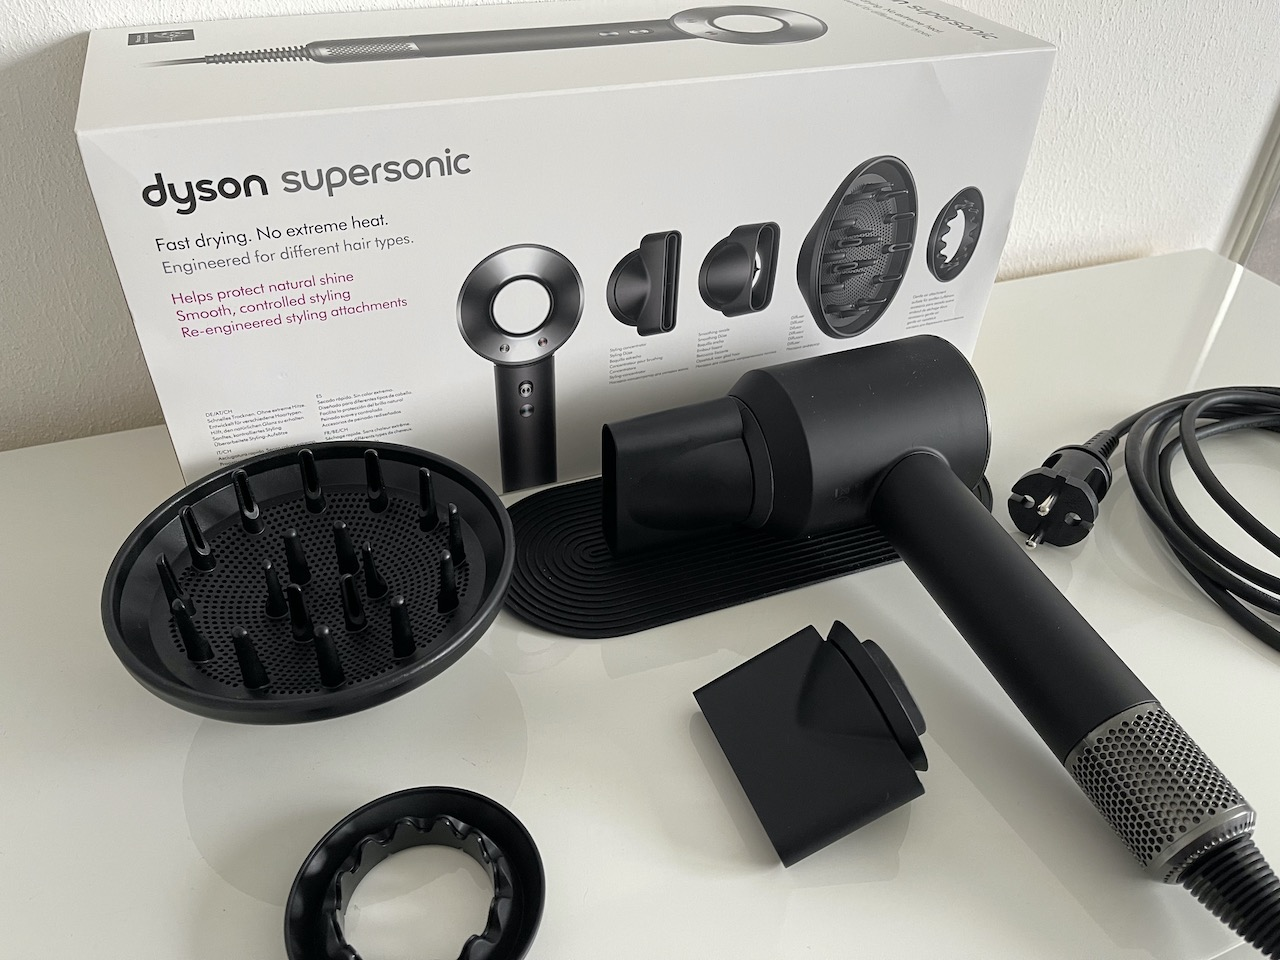 Dyson Supersonic im Test: Lohnt sich der Premium-Haartrockner? › Macerkopf